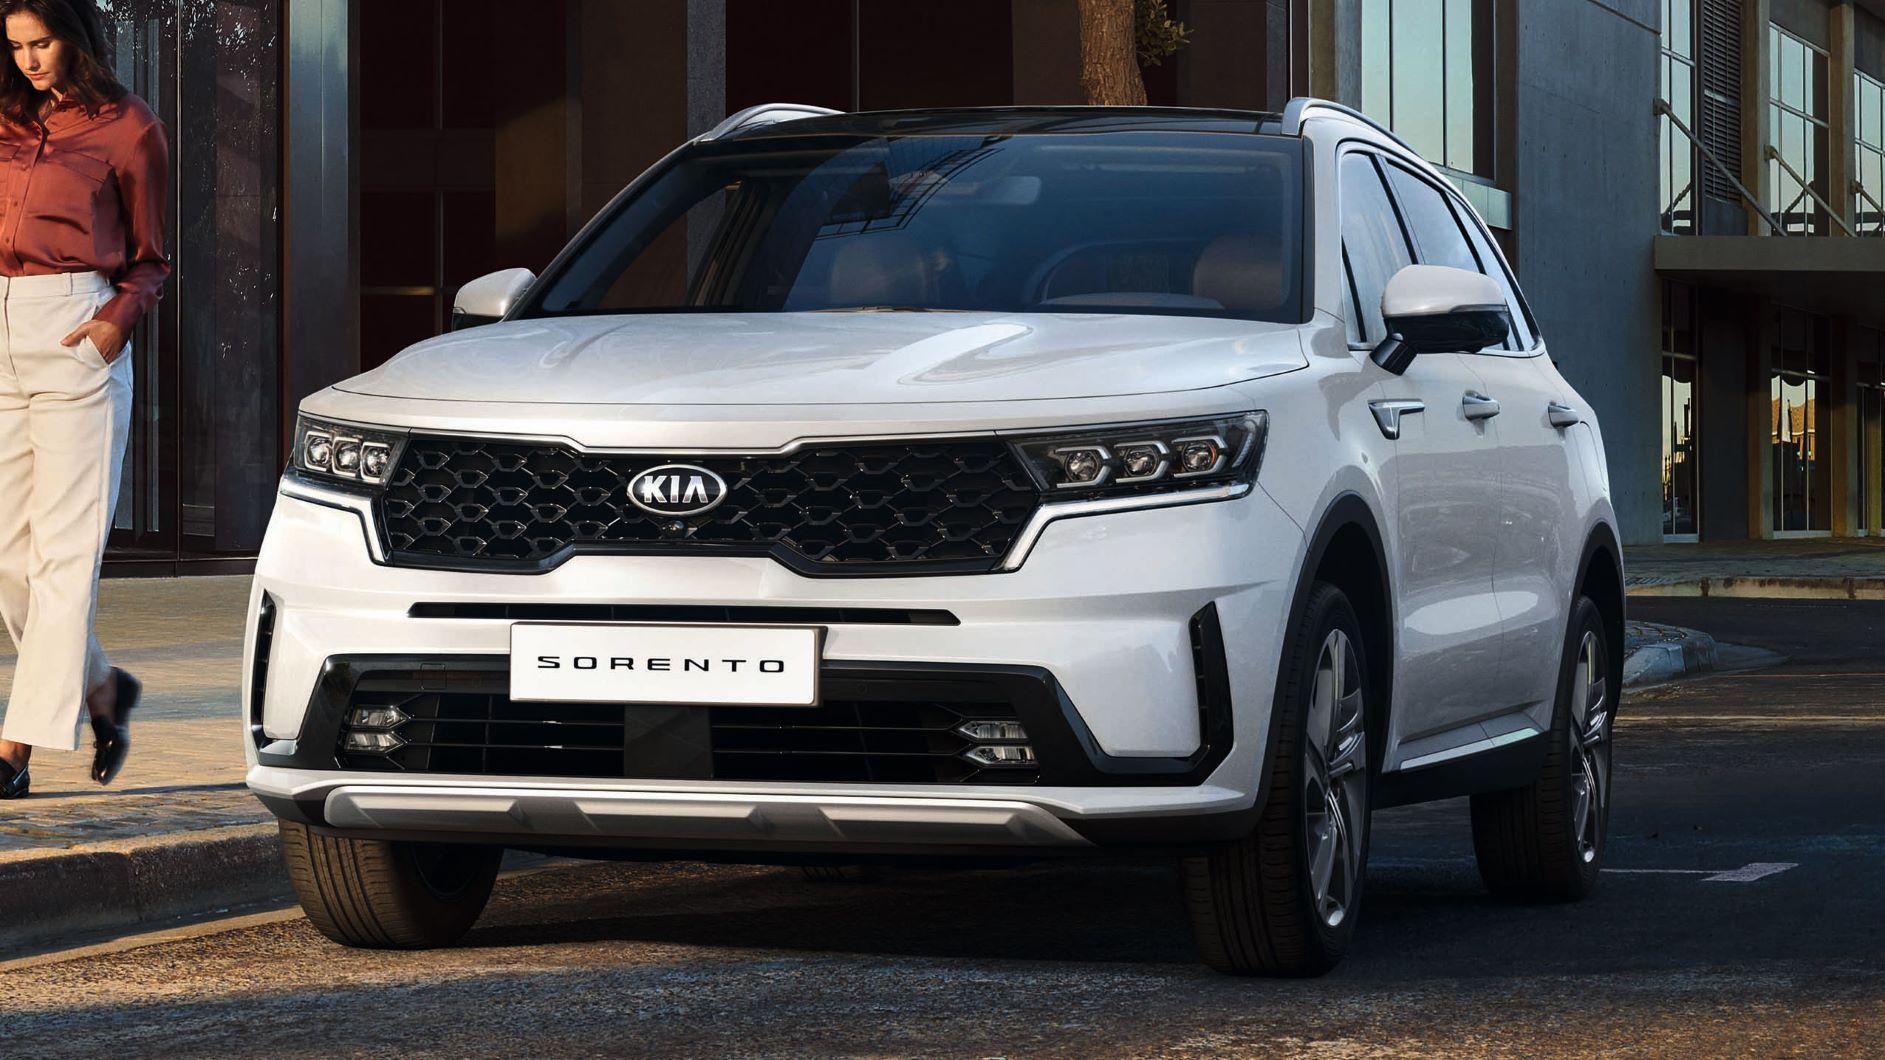 Nuova Kia Sorento: a Ginevra la quarta generazione del SUV coreano thumbnail